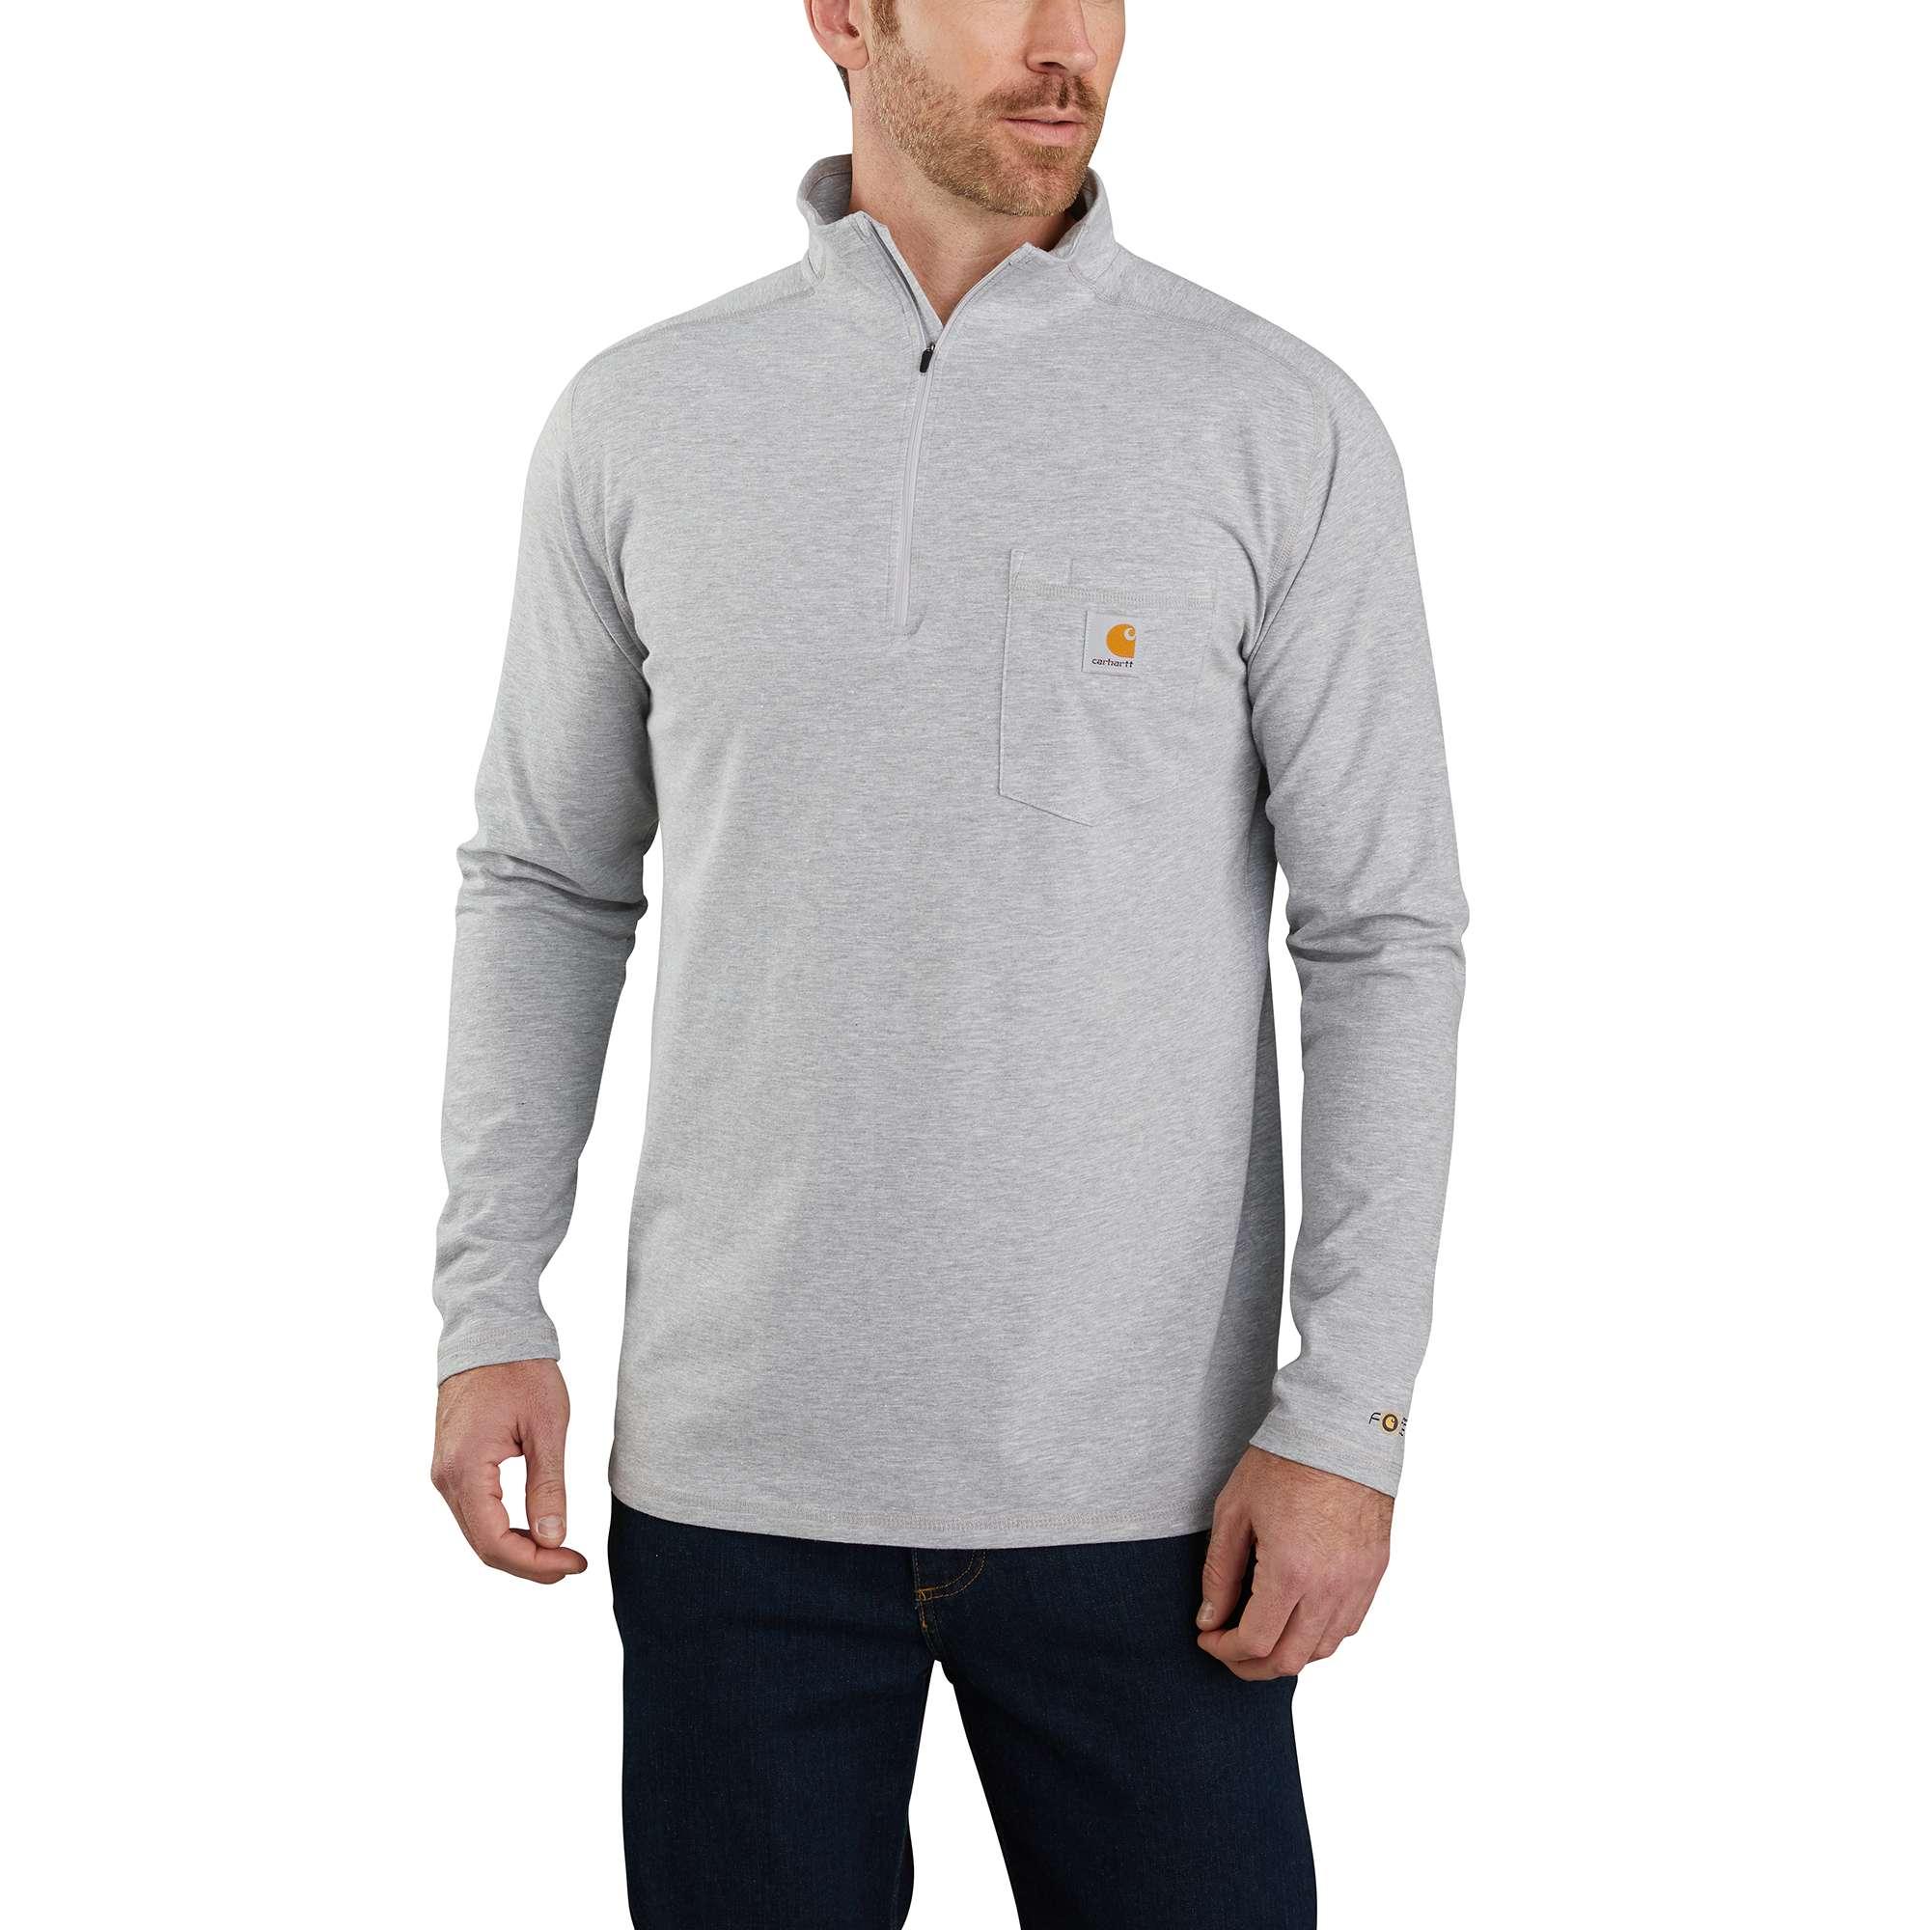 Carhartt Force Relaxed Fit Long-Sleeve Quarter-Zip Pocket T-Shirt